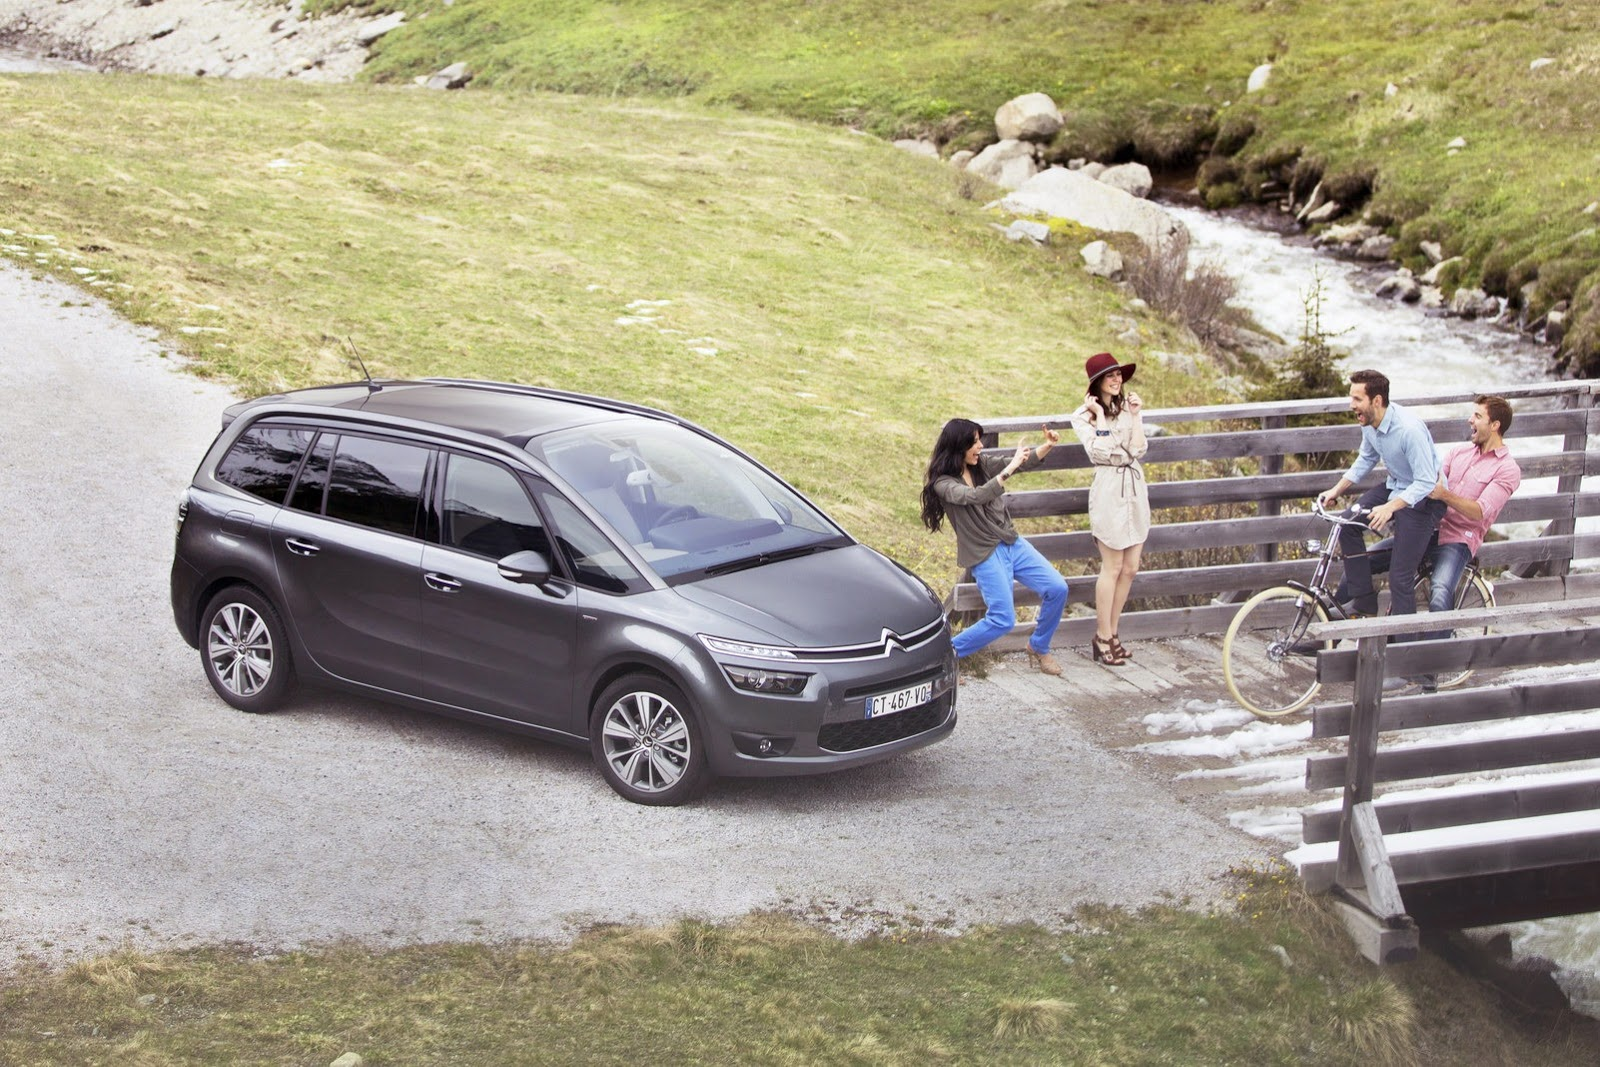 [SUJET OFFICIEL] Citroën Grand C4 Picasso II  - Page 4 Citroen-Grand-C4-Picasso-21%25255B2%25255D